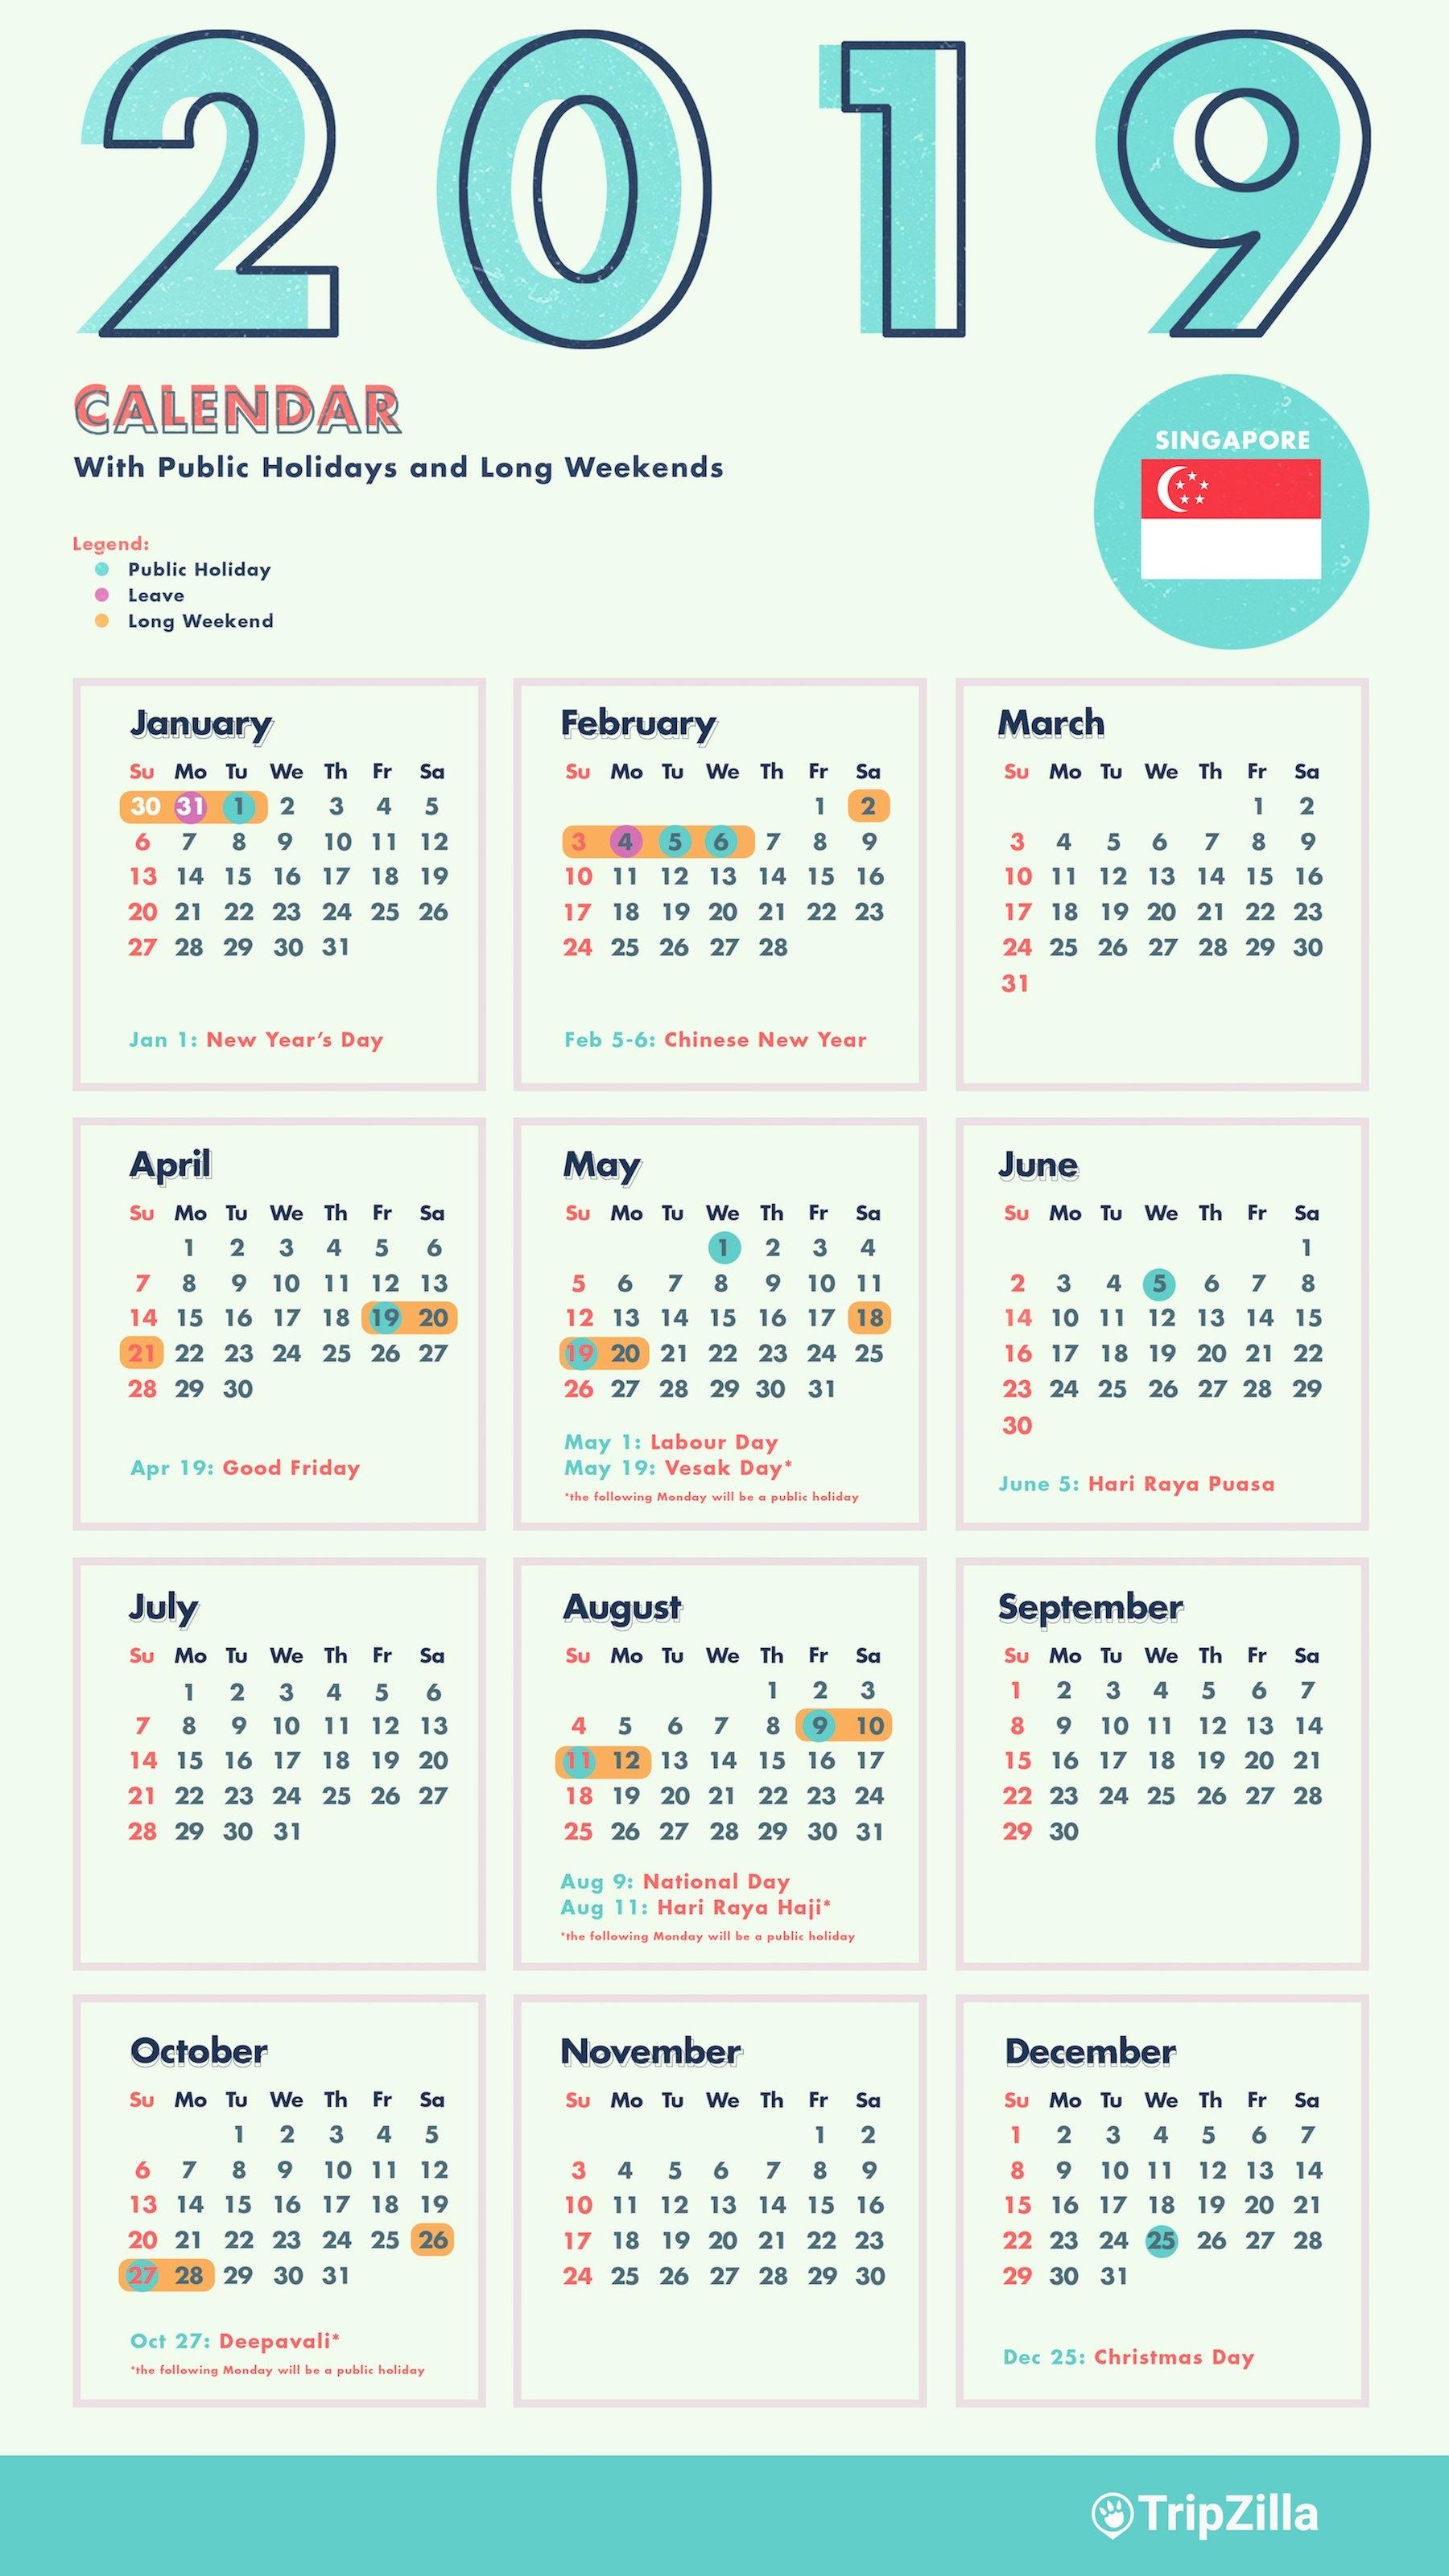 6 Long Weekends In Singapore In 2019 (Bonus Calendar & Cheatsheet) Calendar 2019 Leave